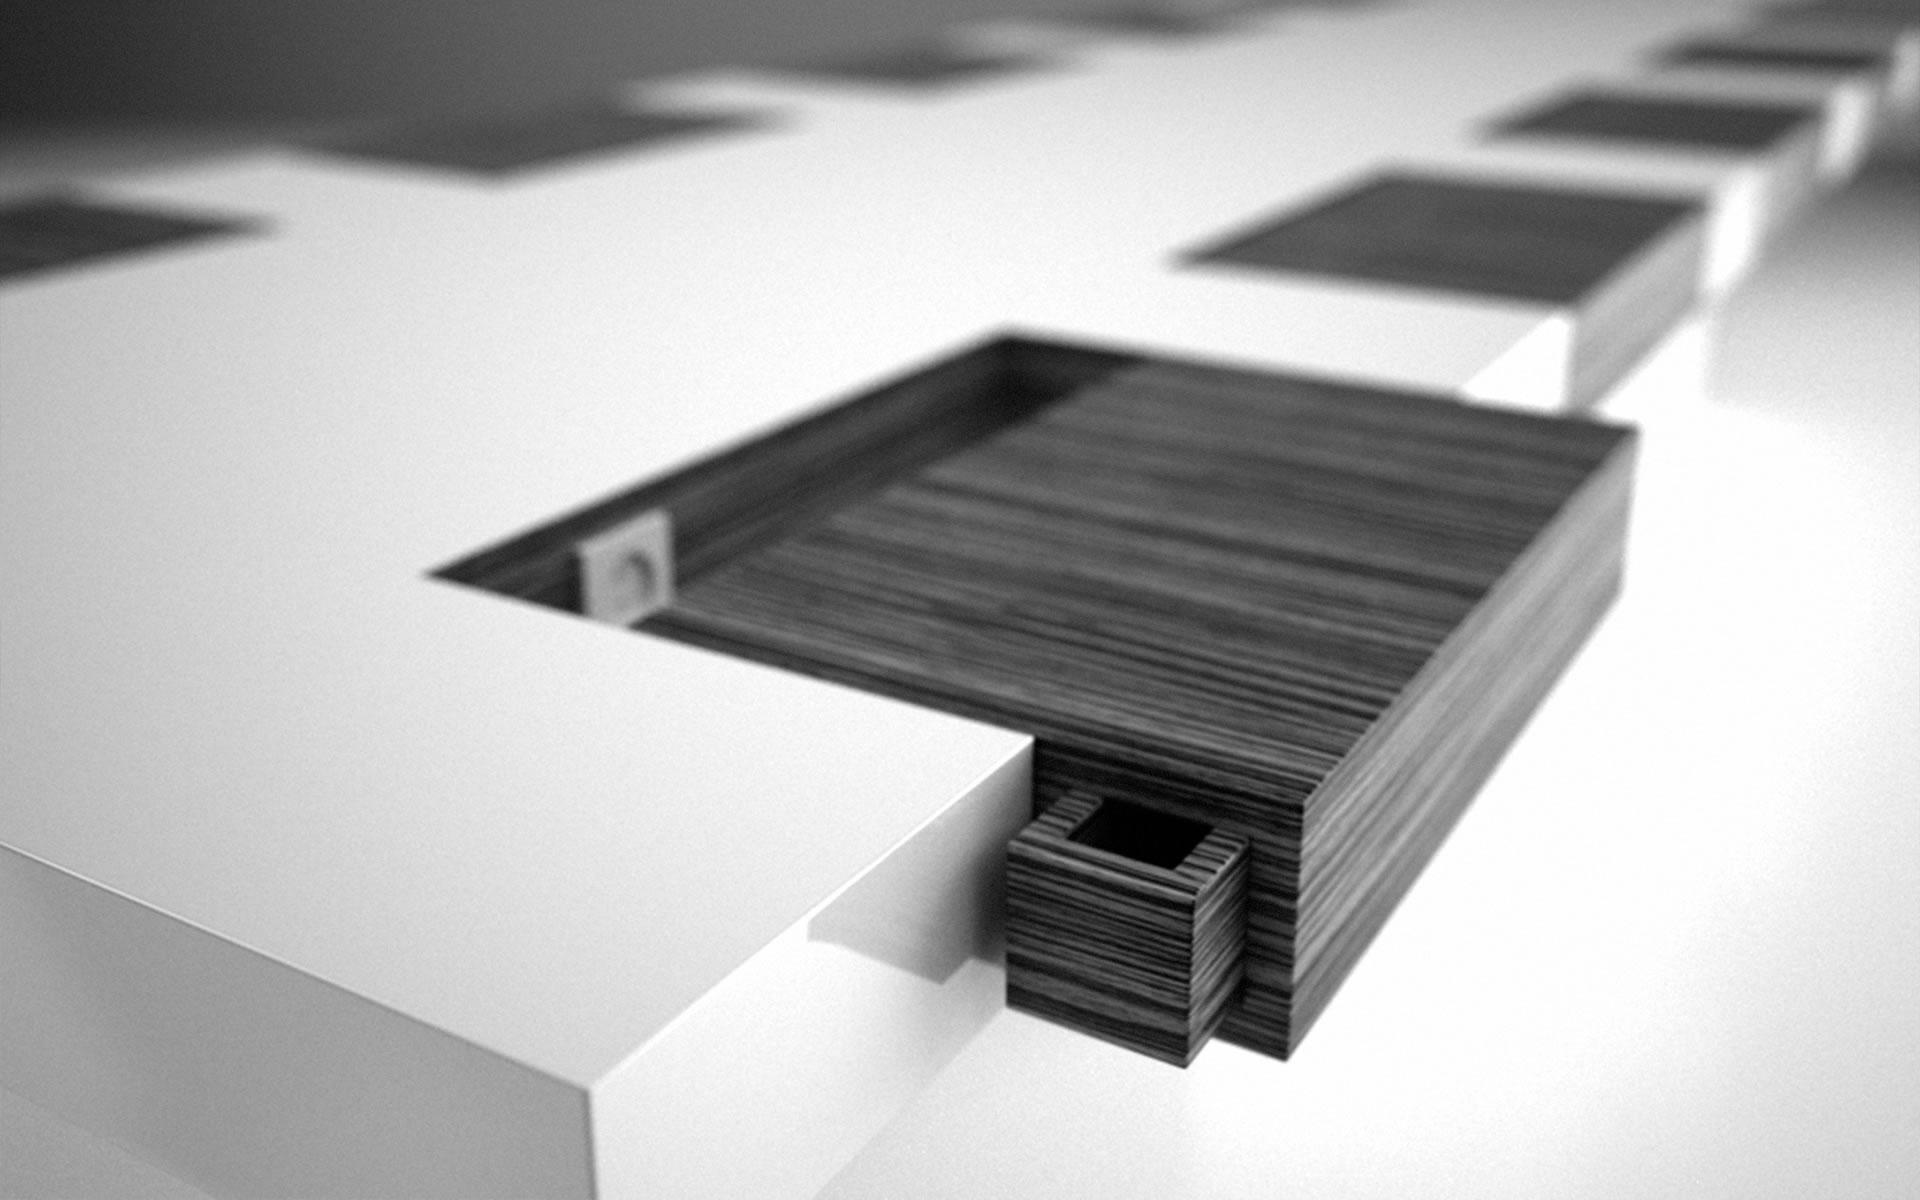 Konferenztisch CONVENTUS Online Bestellen Edel Design